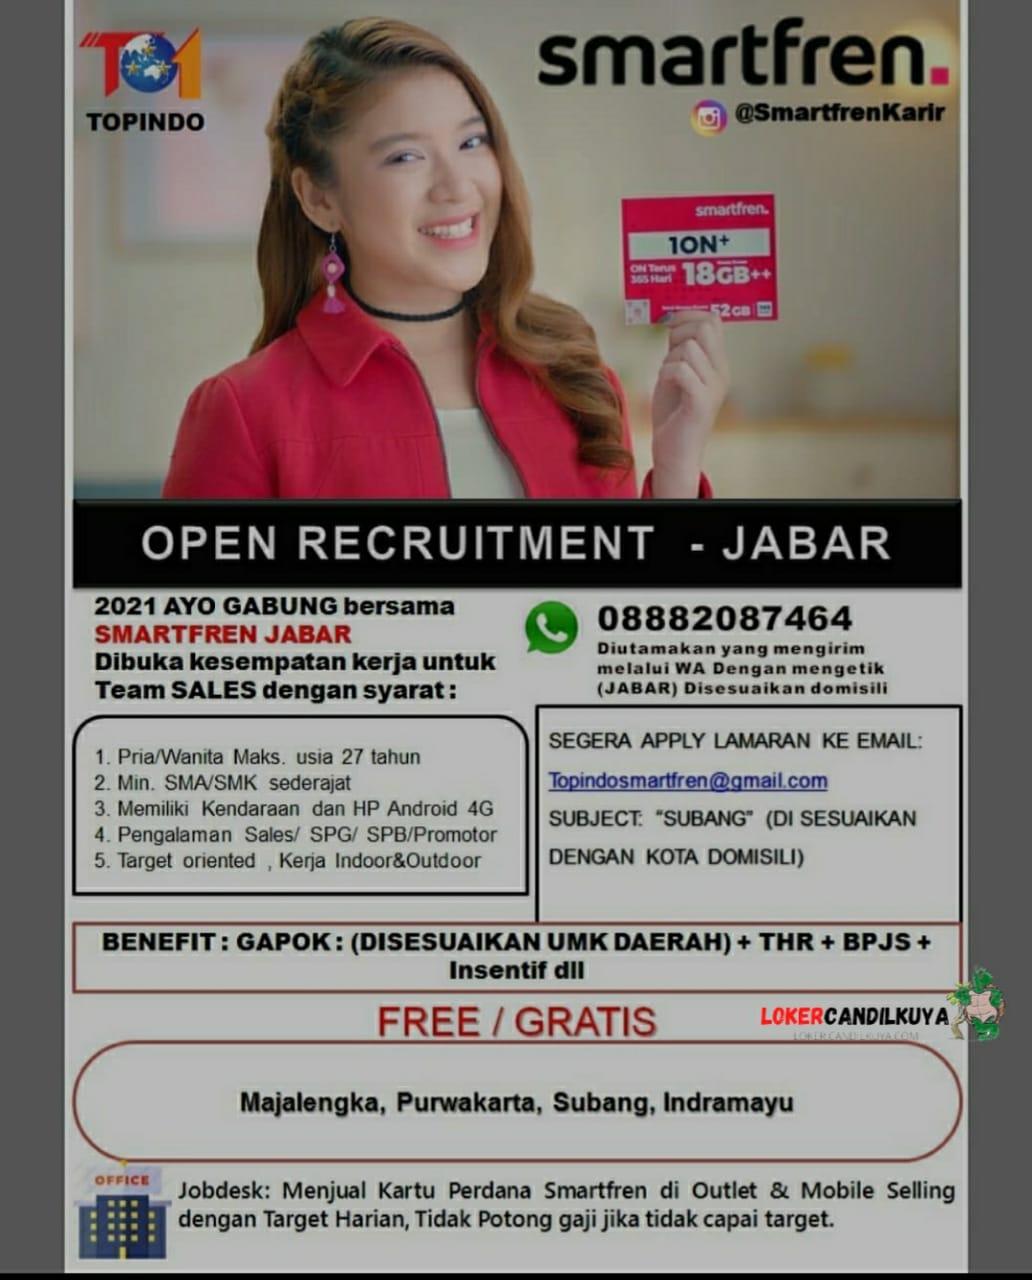 Lowongan Kerja Smartfren Jawa Barat